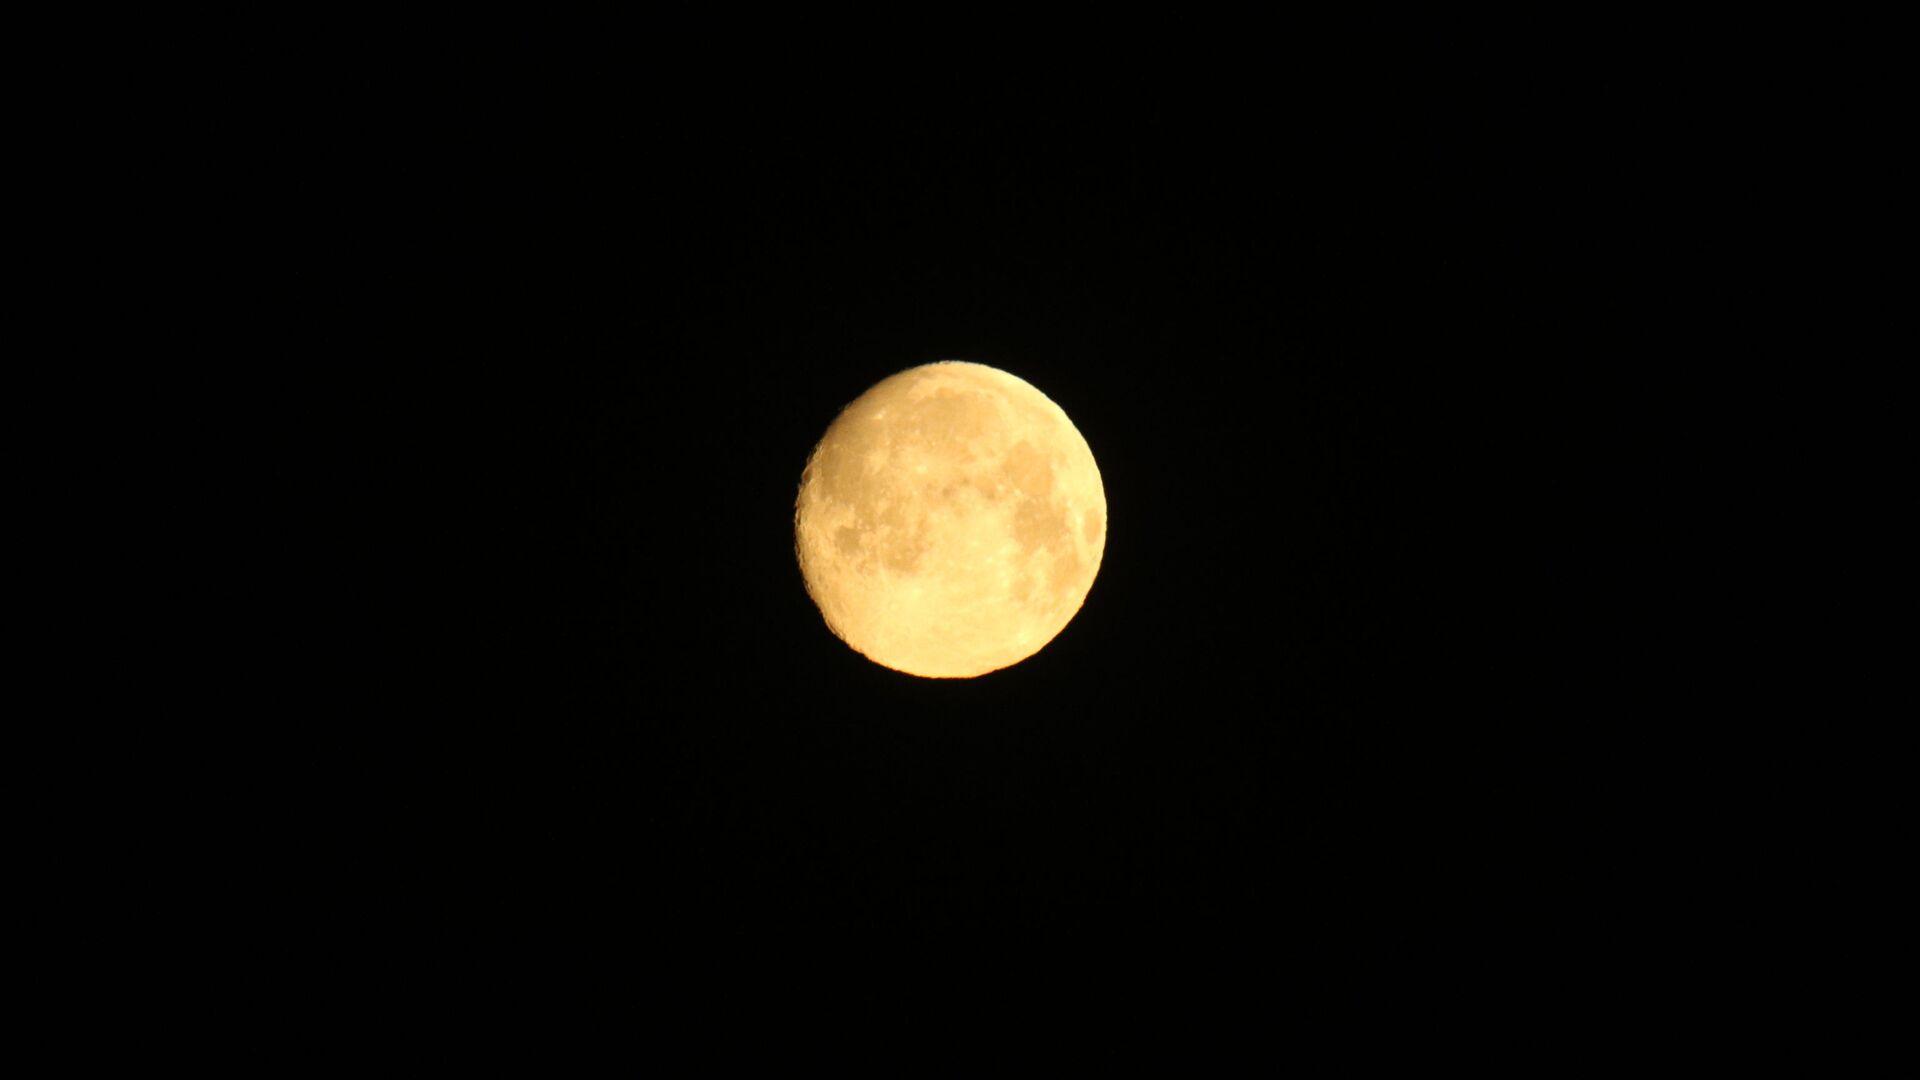 La luna - Sputnik Mundo, 1920, 19.03.2021